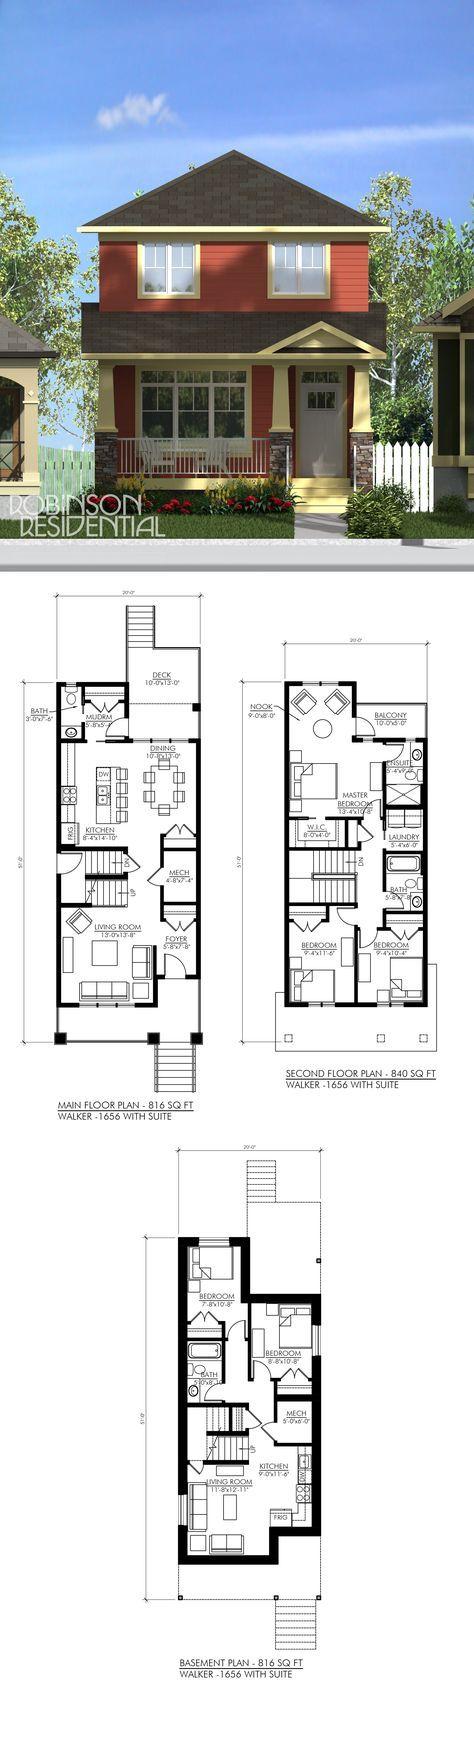 1656 Sq. Ft, 3 Bedrooms, 2.5 Bath.